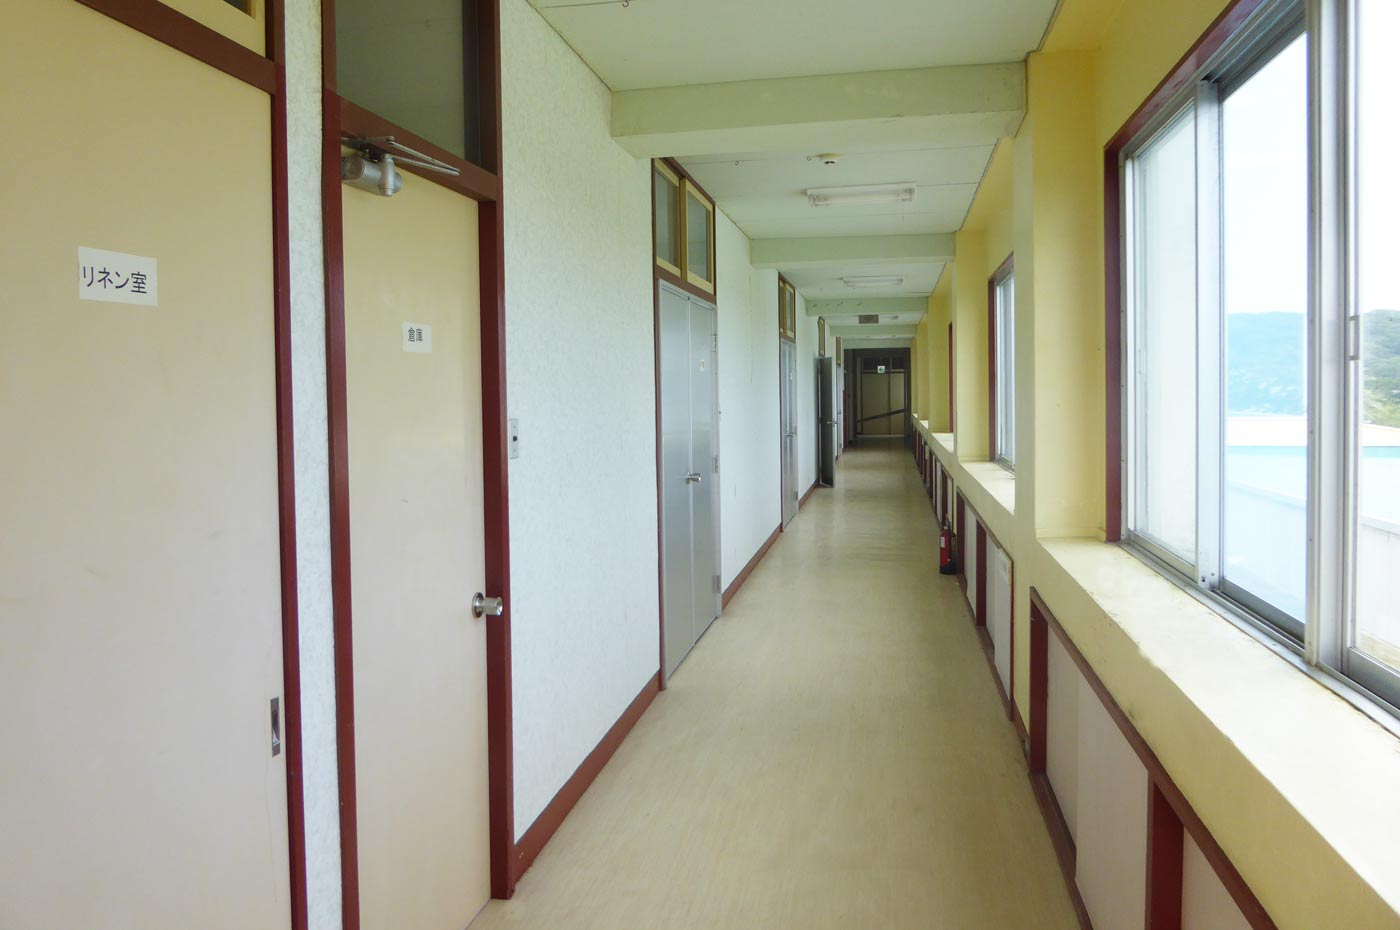 館山シーサイドビレッジの宿泊棟の廊下